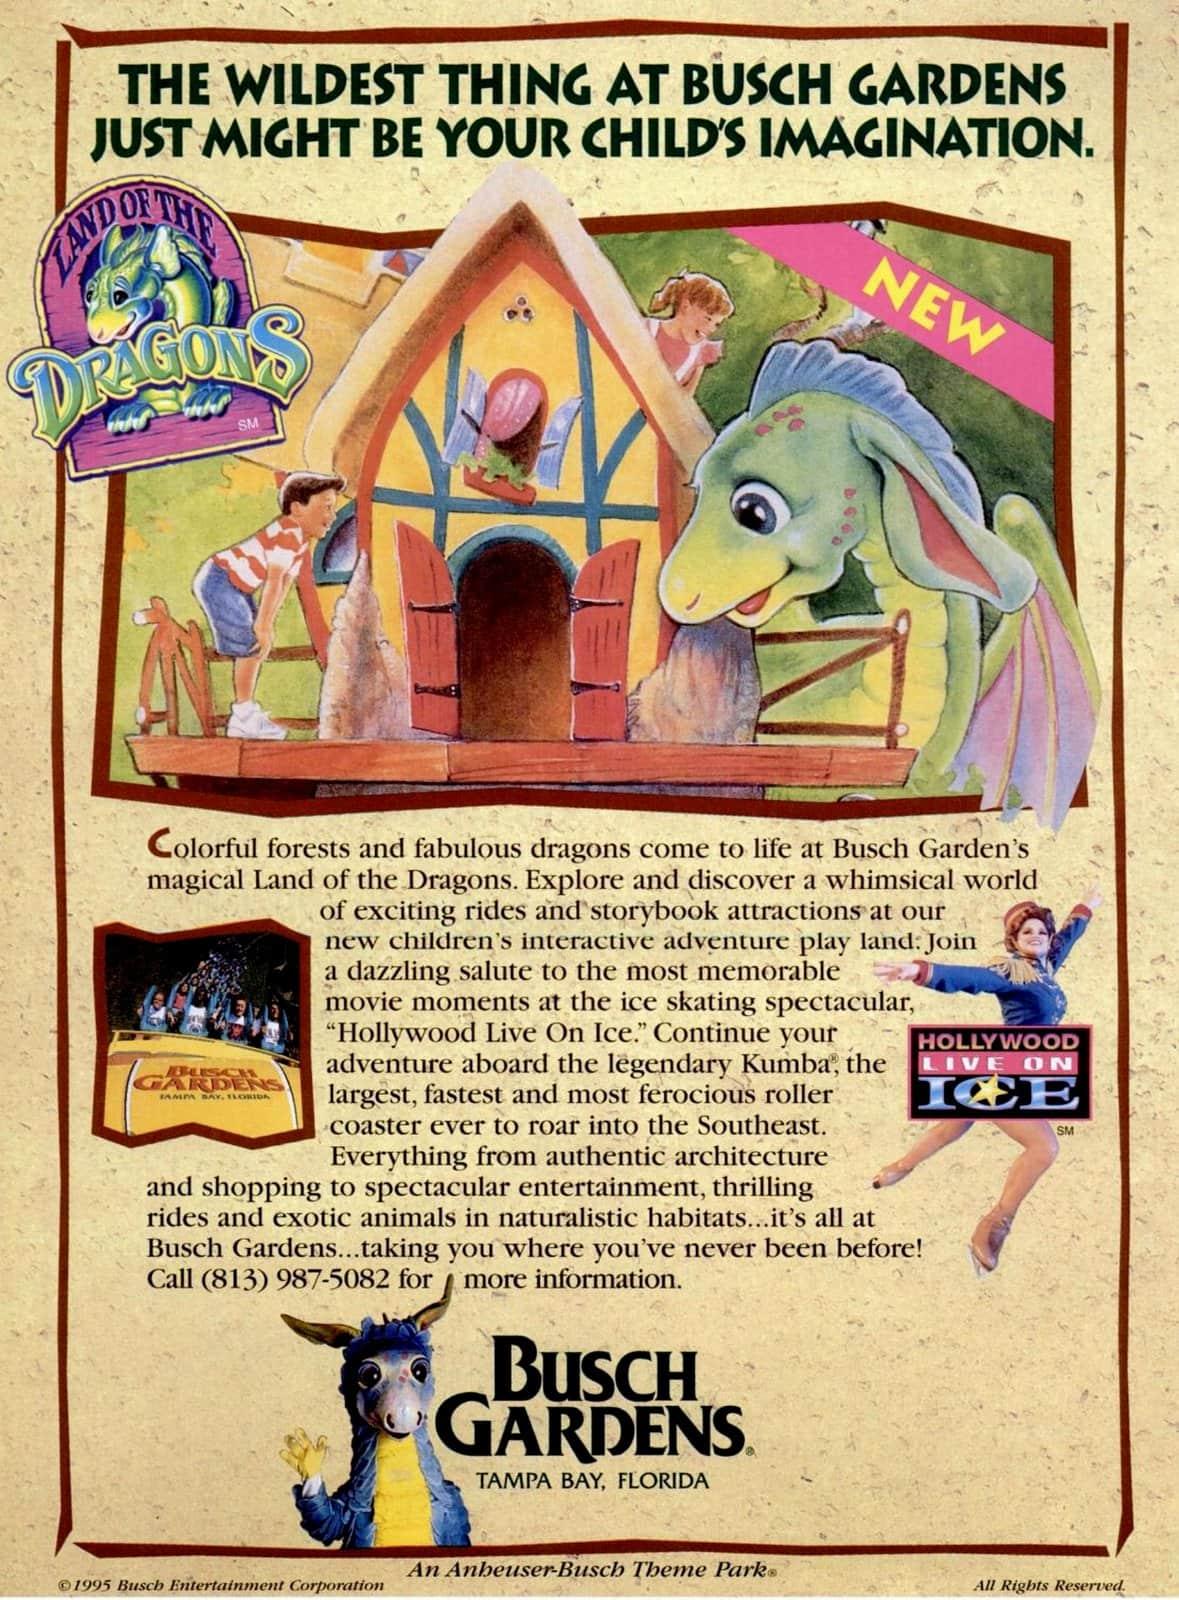 Retro Vintage Busch Gardens amusements and fun (1995)